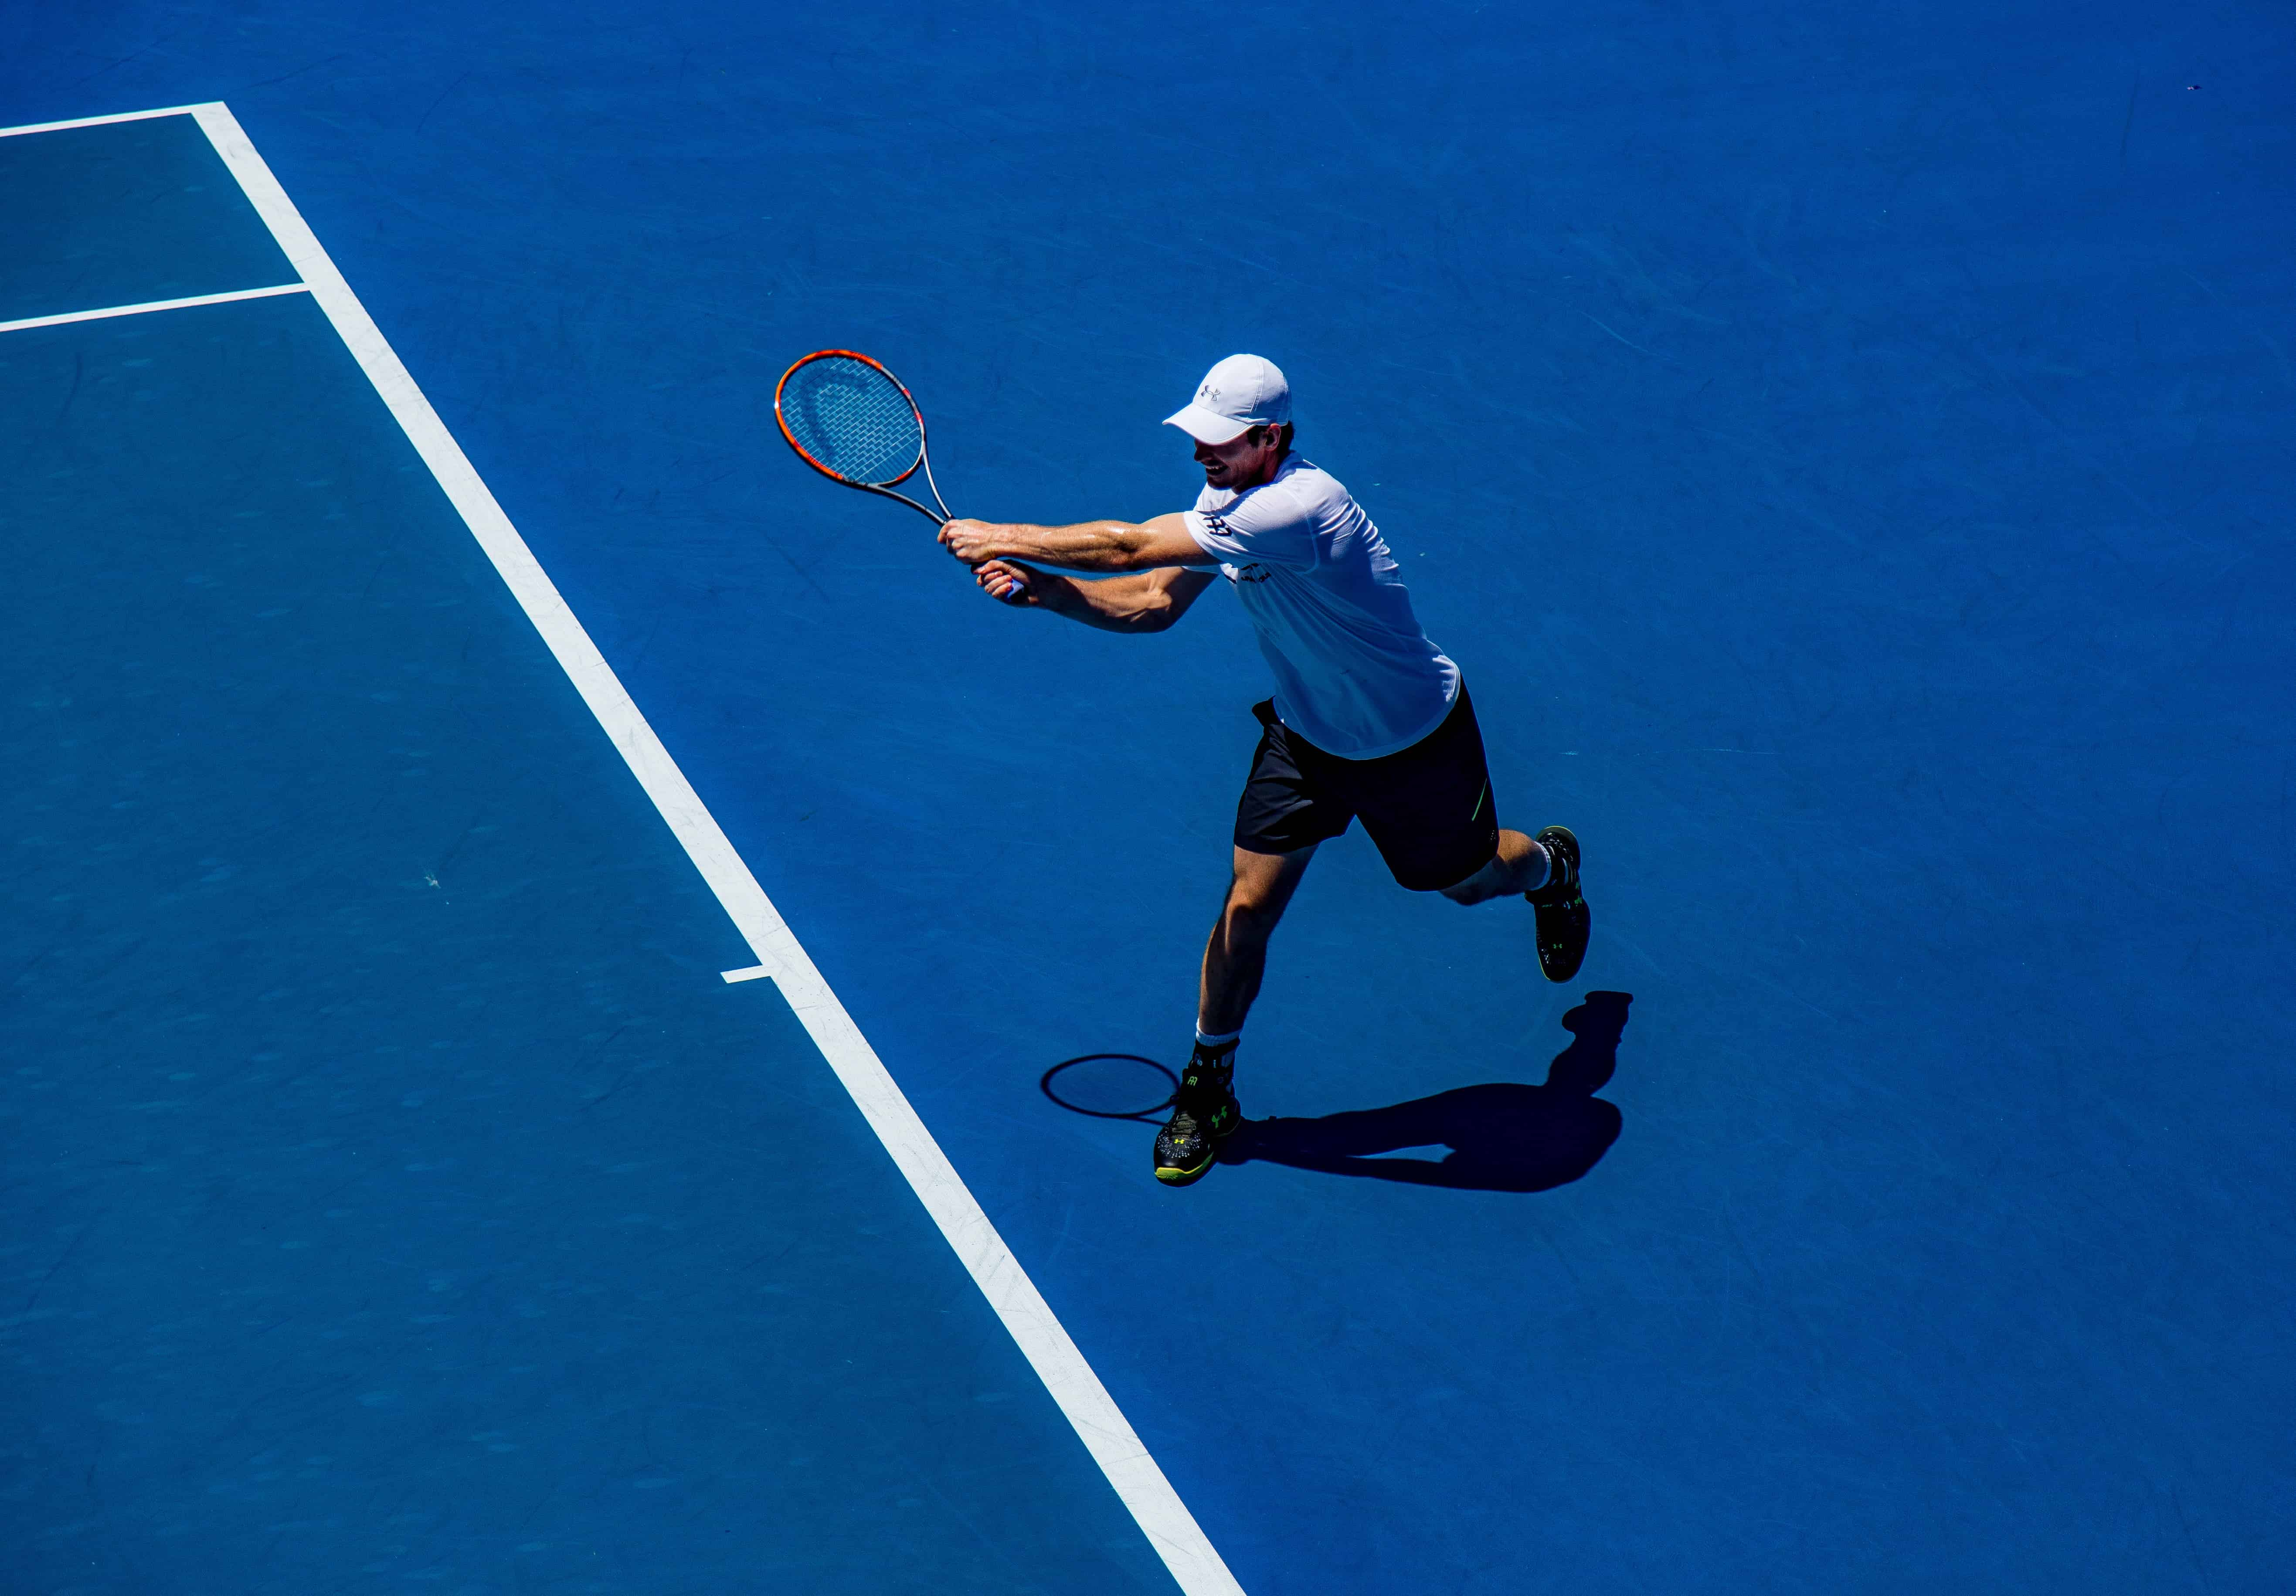 Tennis lernen: Das sollte ein Tennis-Anfänger beachten (01/20)